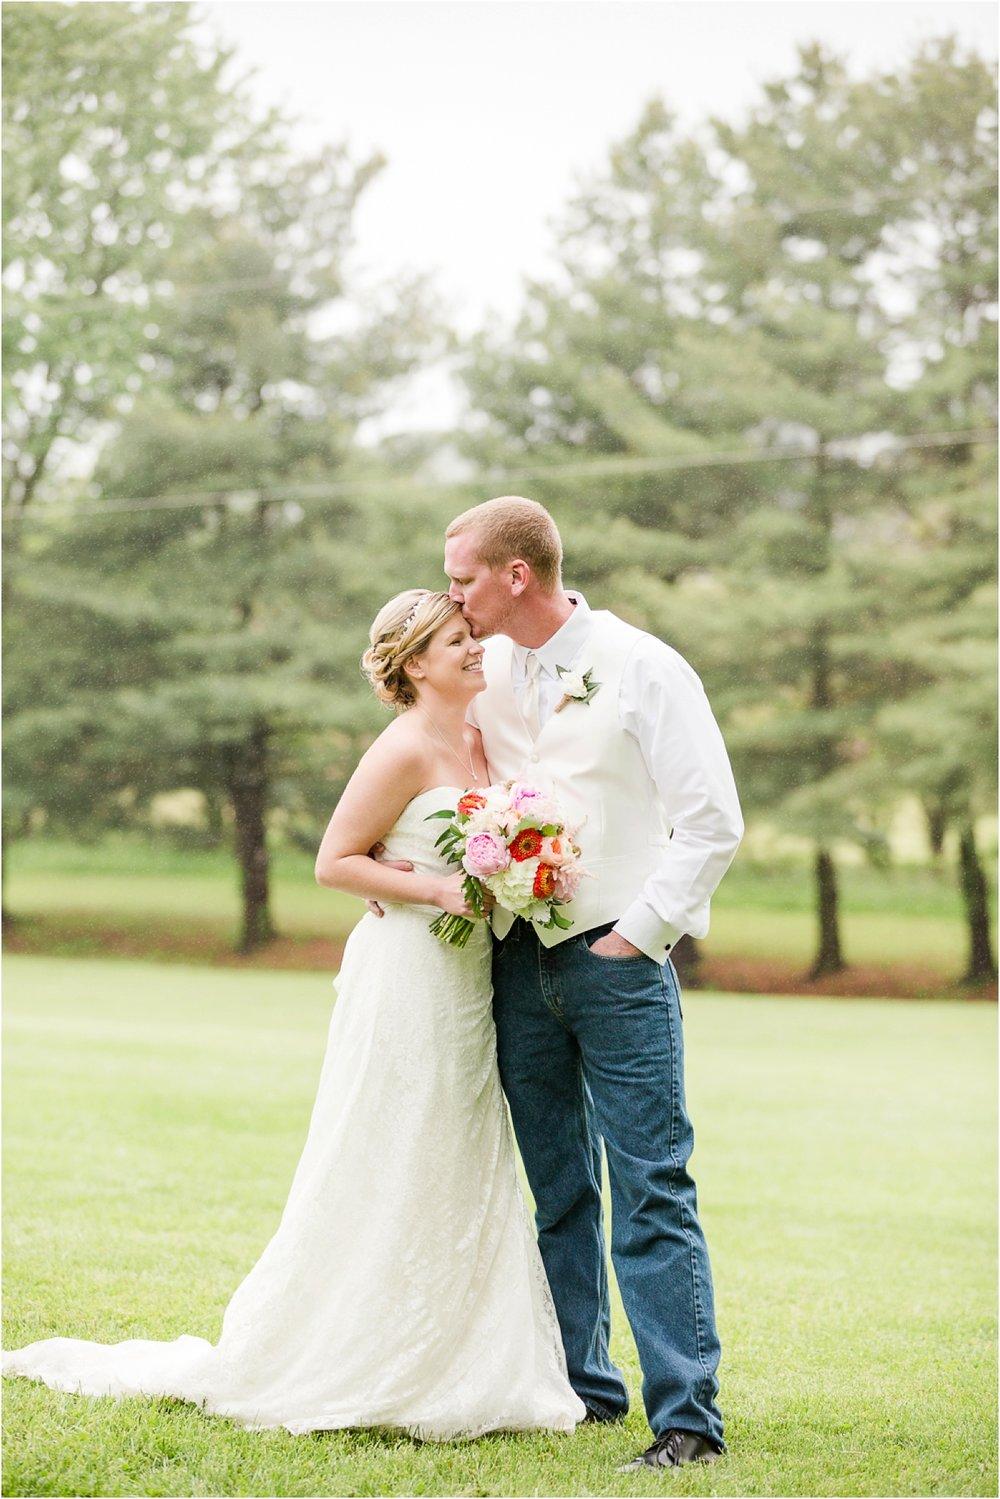 Royer-House-Wedding-Photos-58.jpg